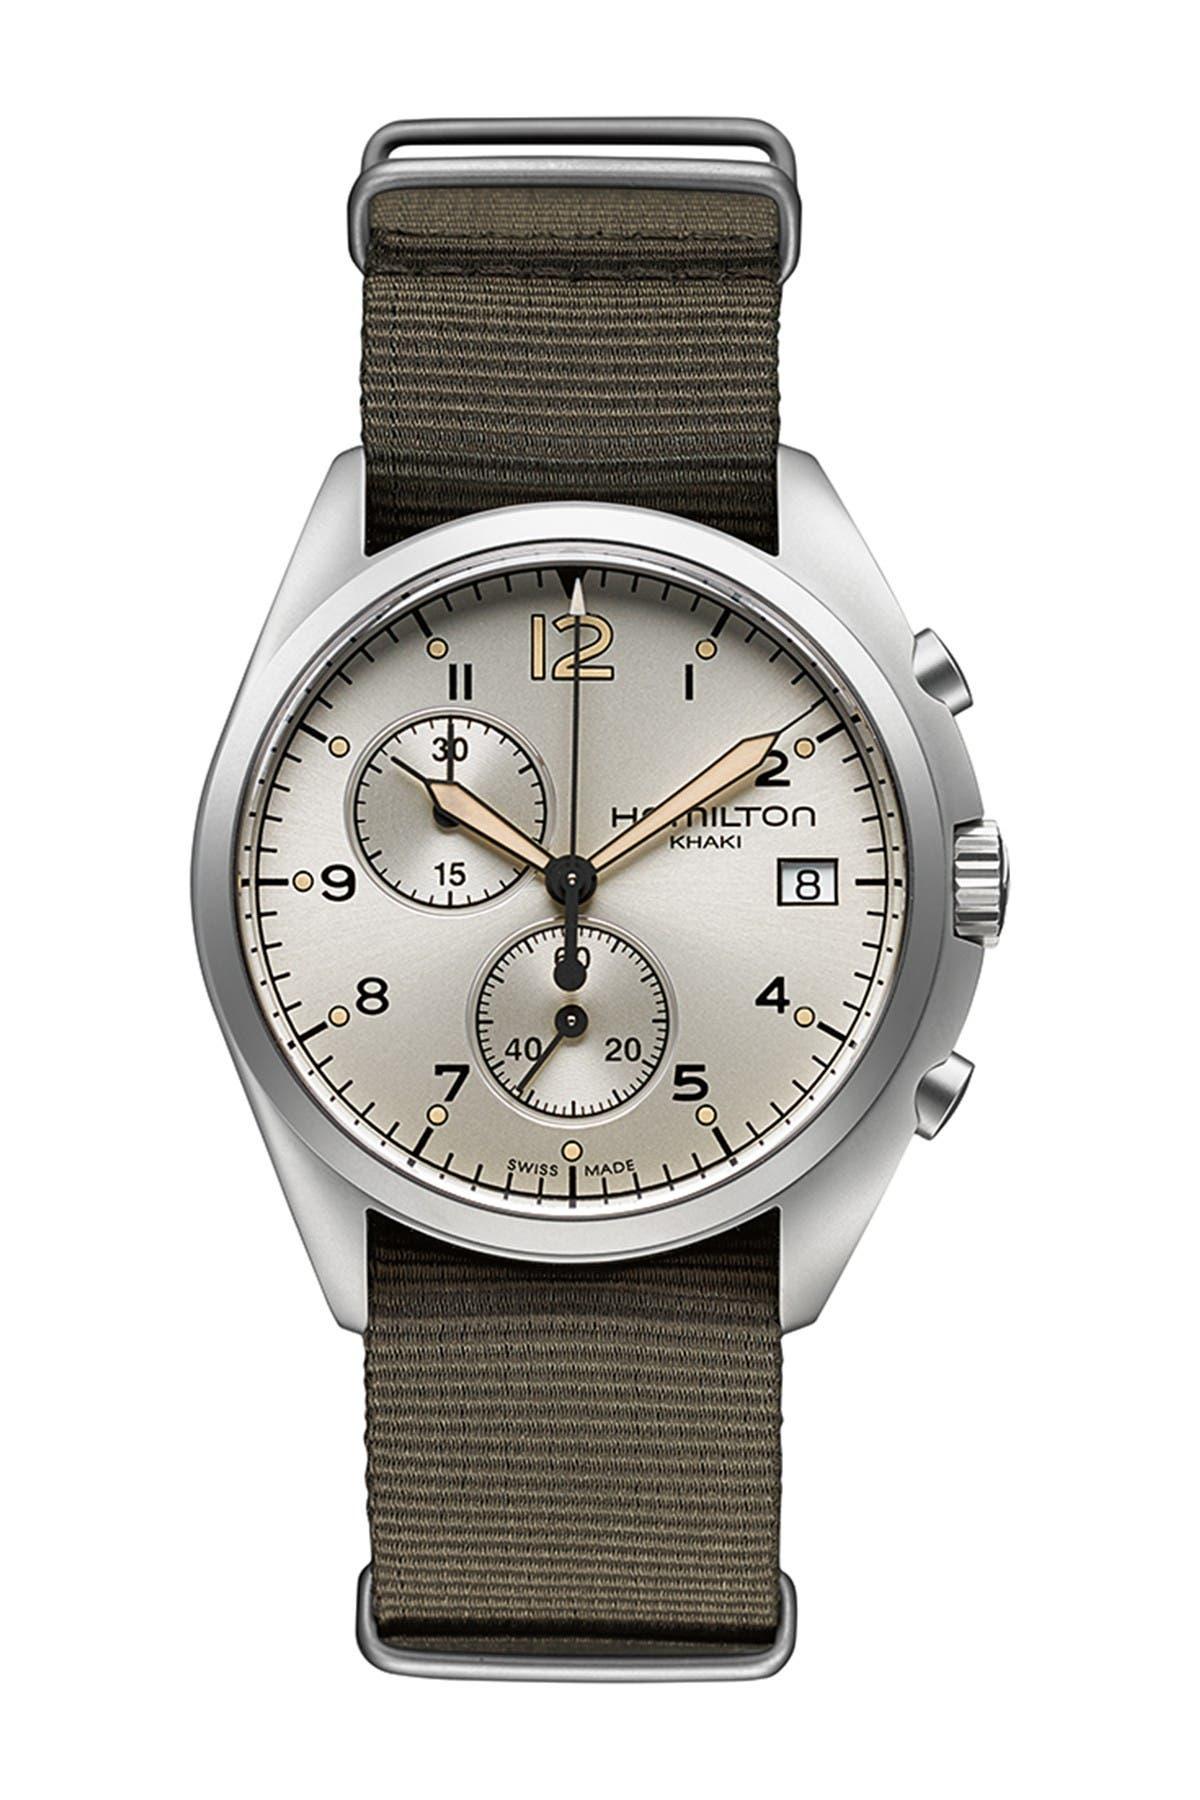 Image of Hamilton Men's Khaki Pilot Pioneer Quartz Watch, 41mm